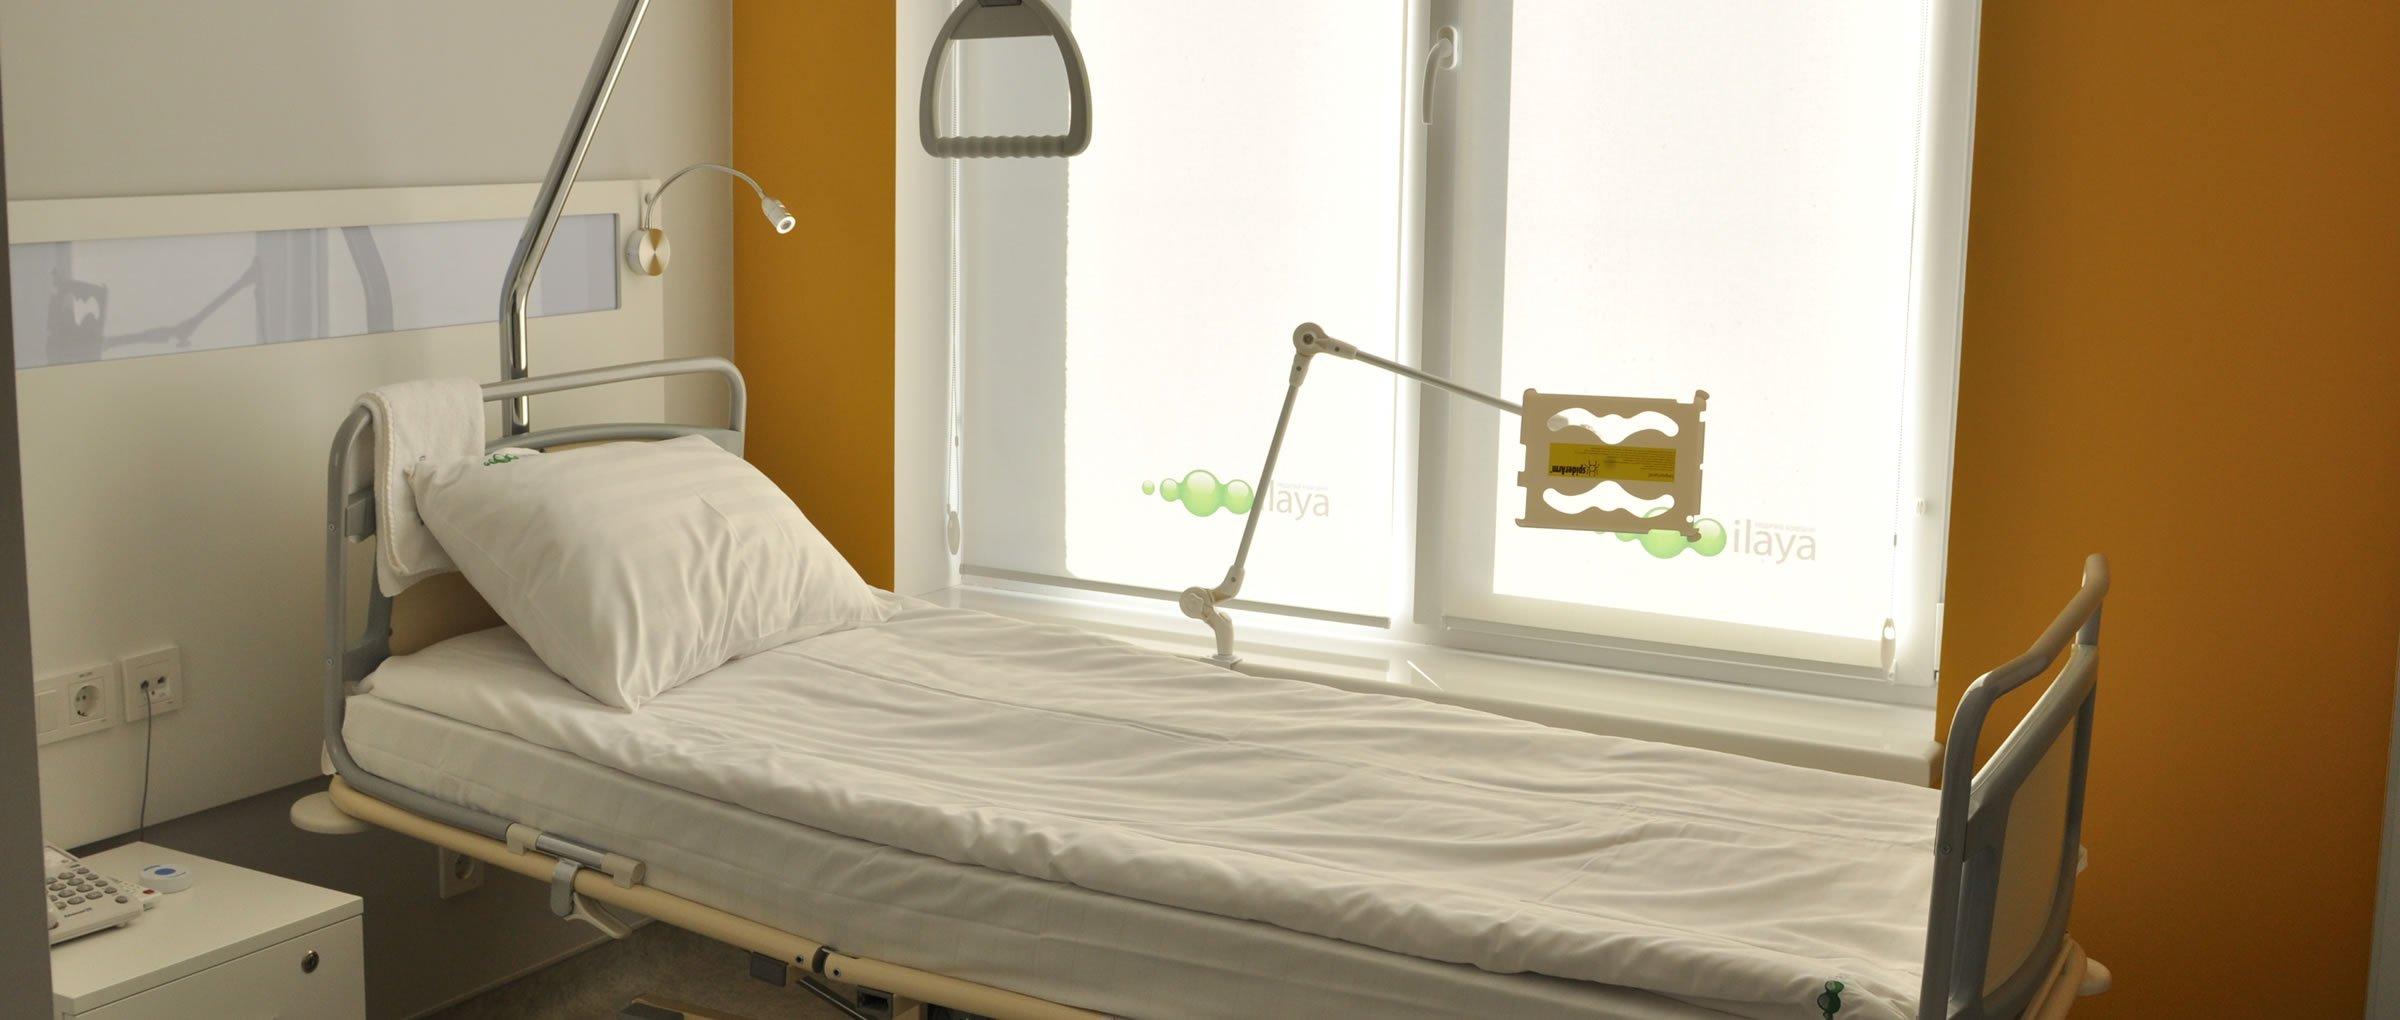 Salle de repos de la clinique ilaya